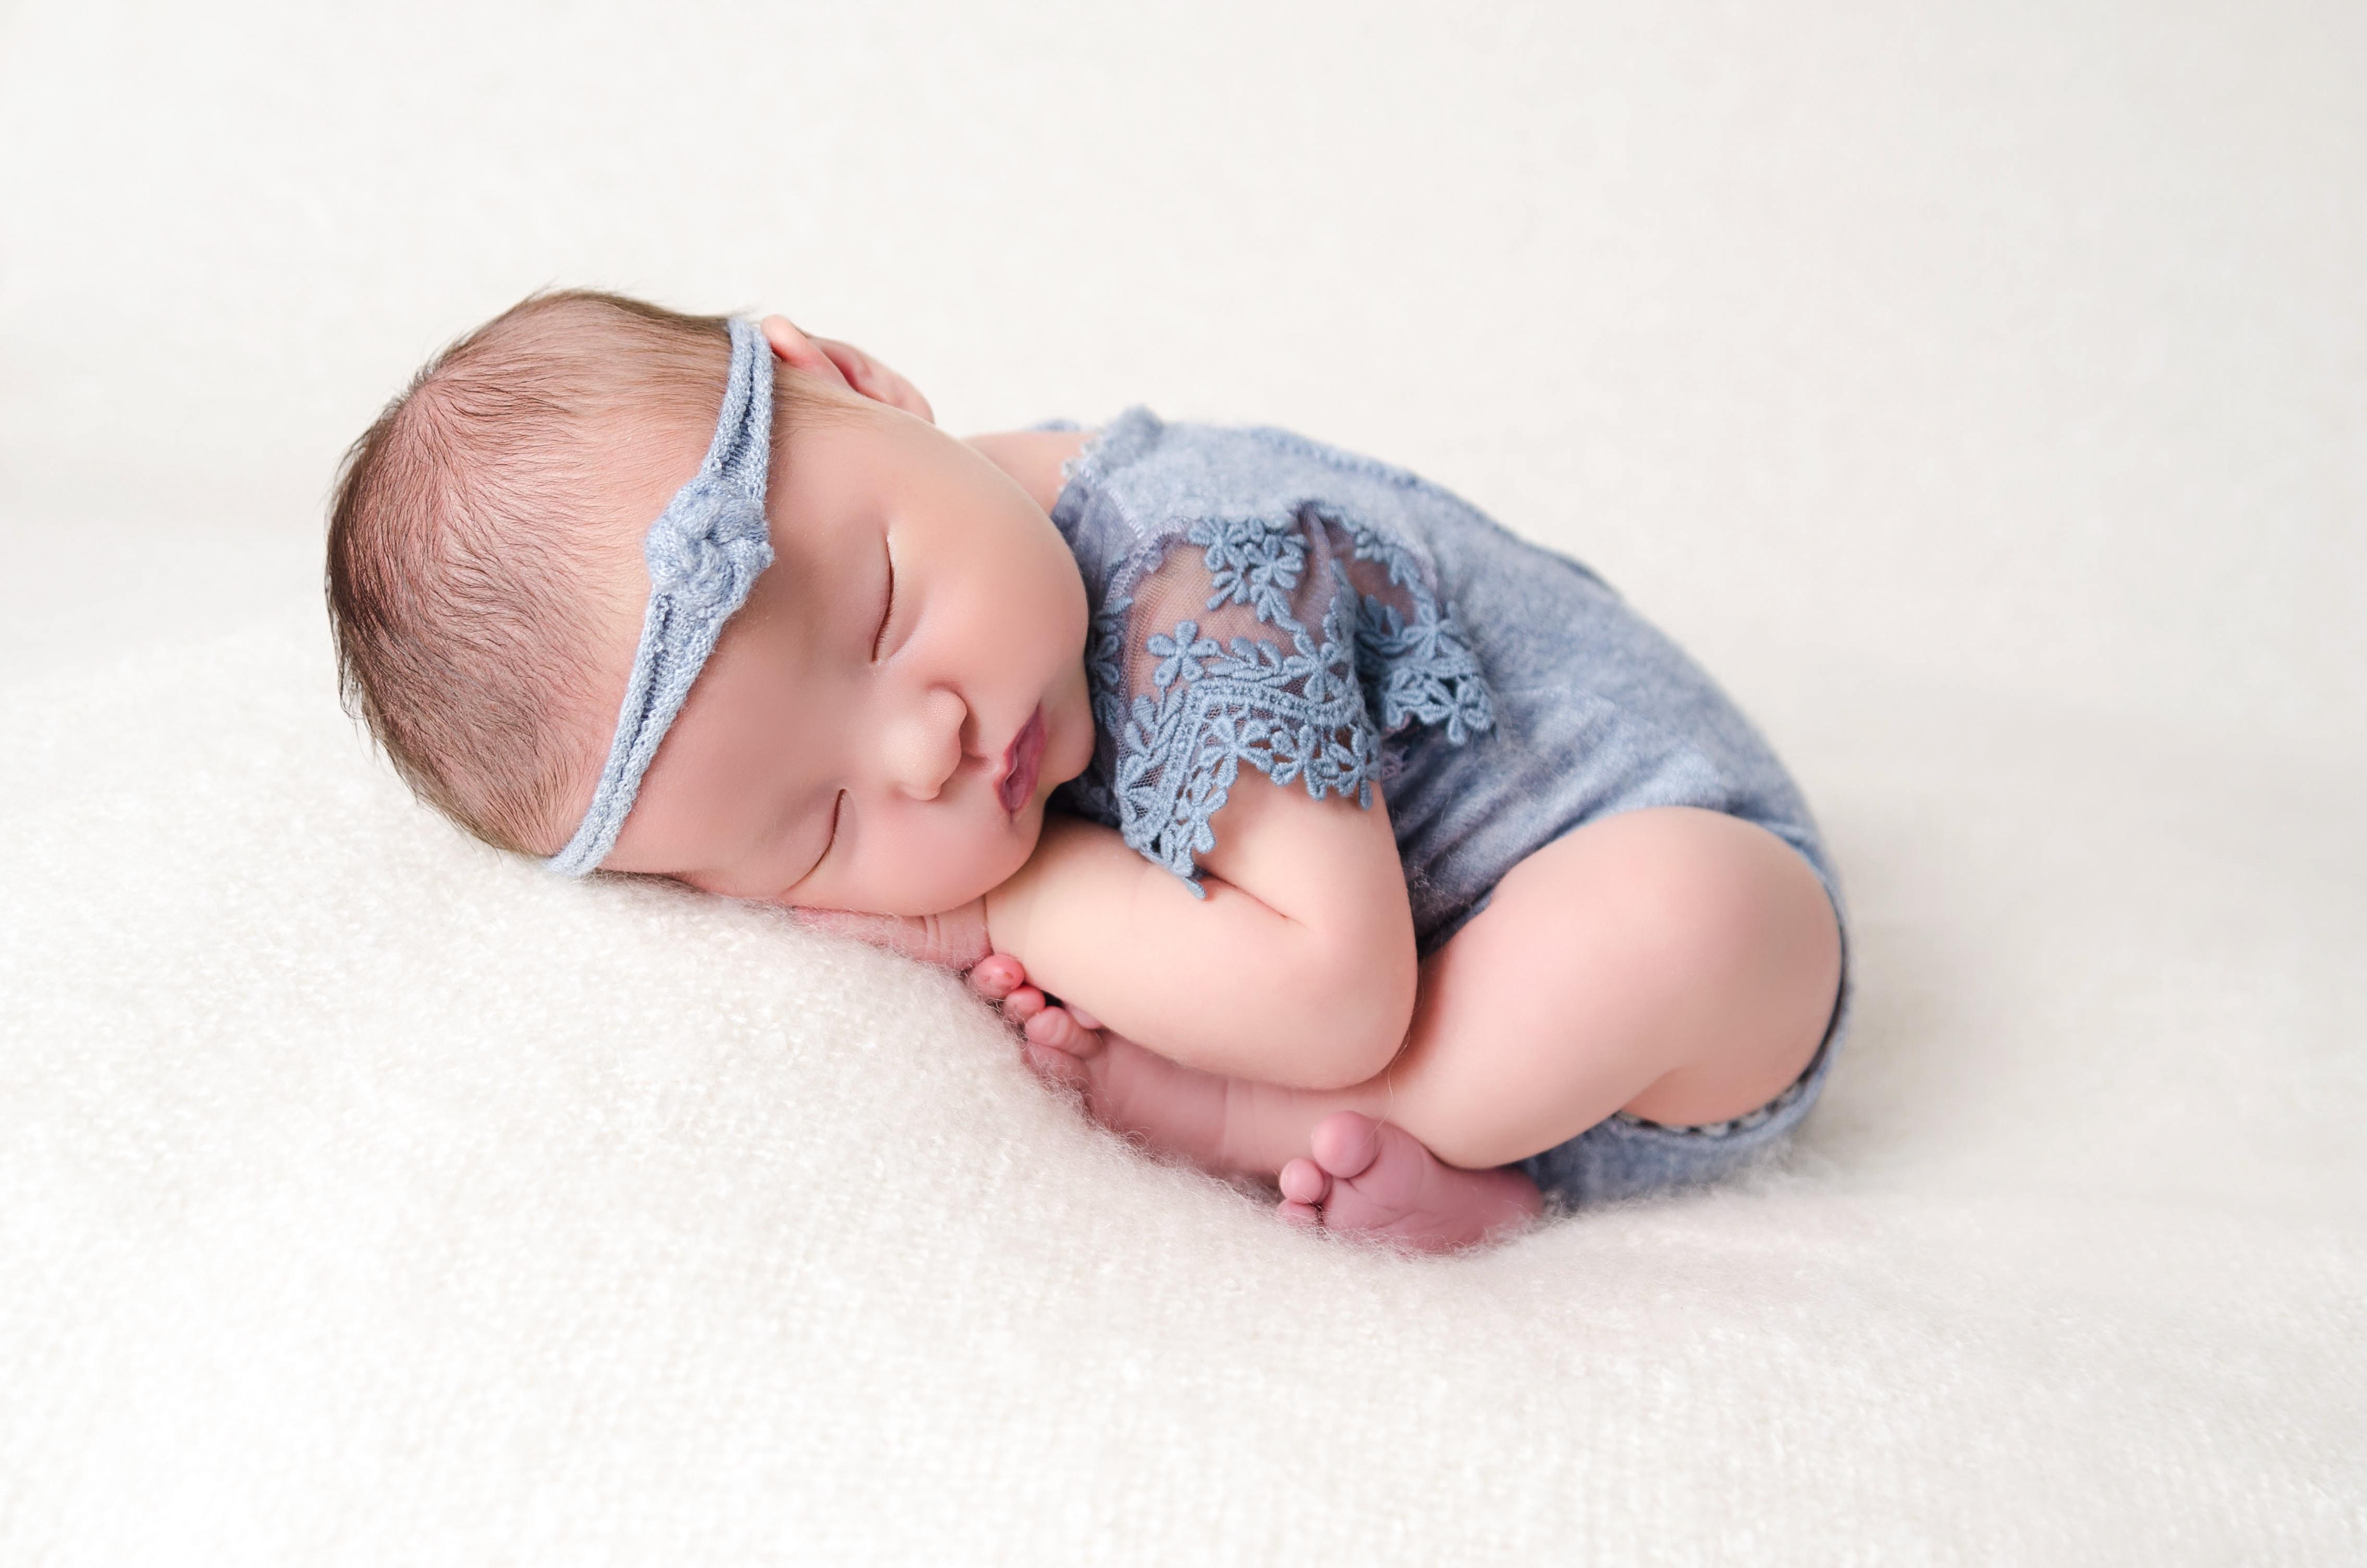 Photographe oise seine et marne aisne grossesse bébé nouveau né famille (1)-min